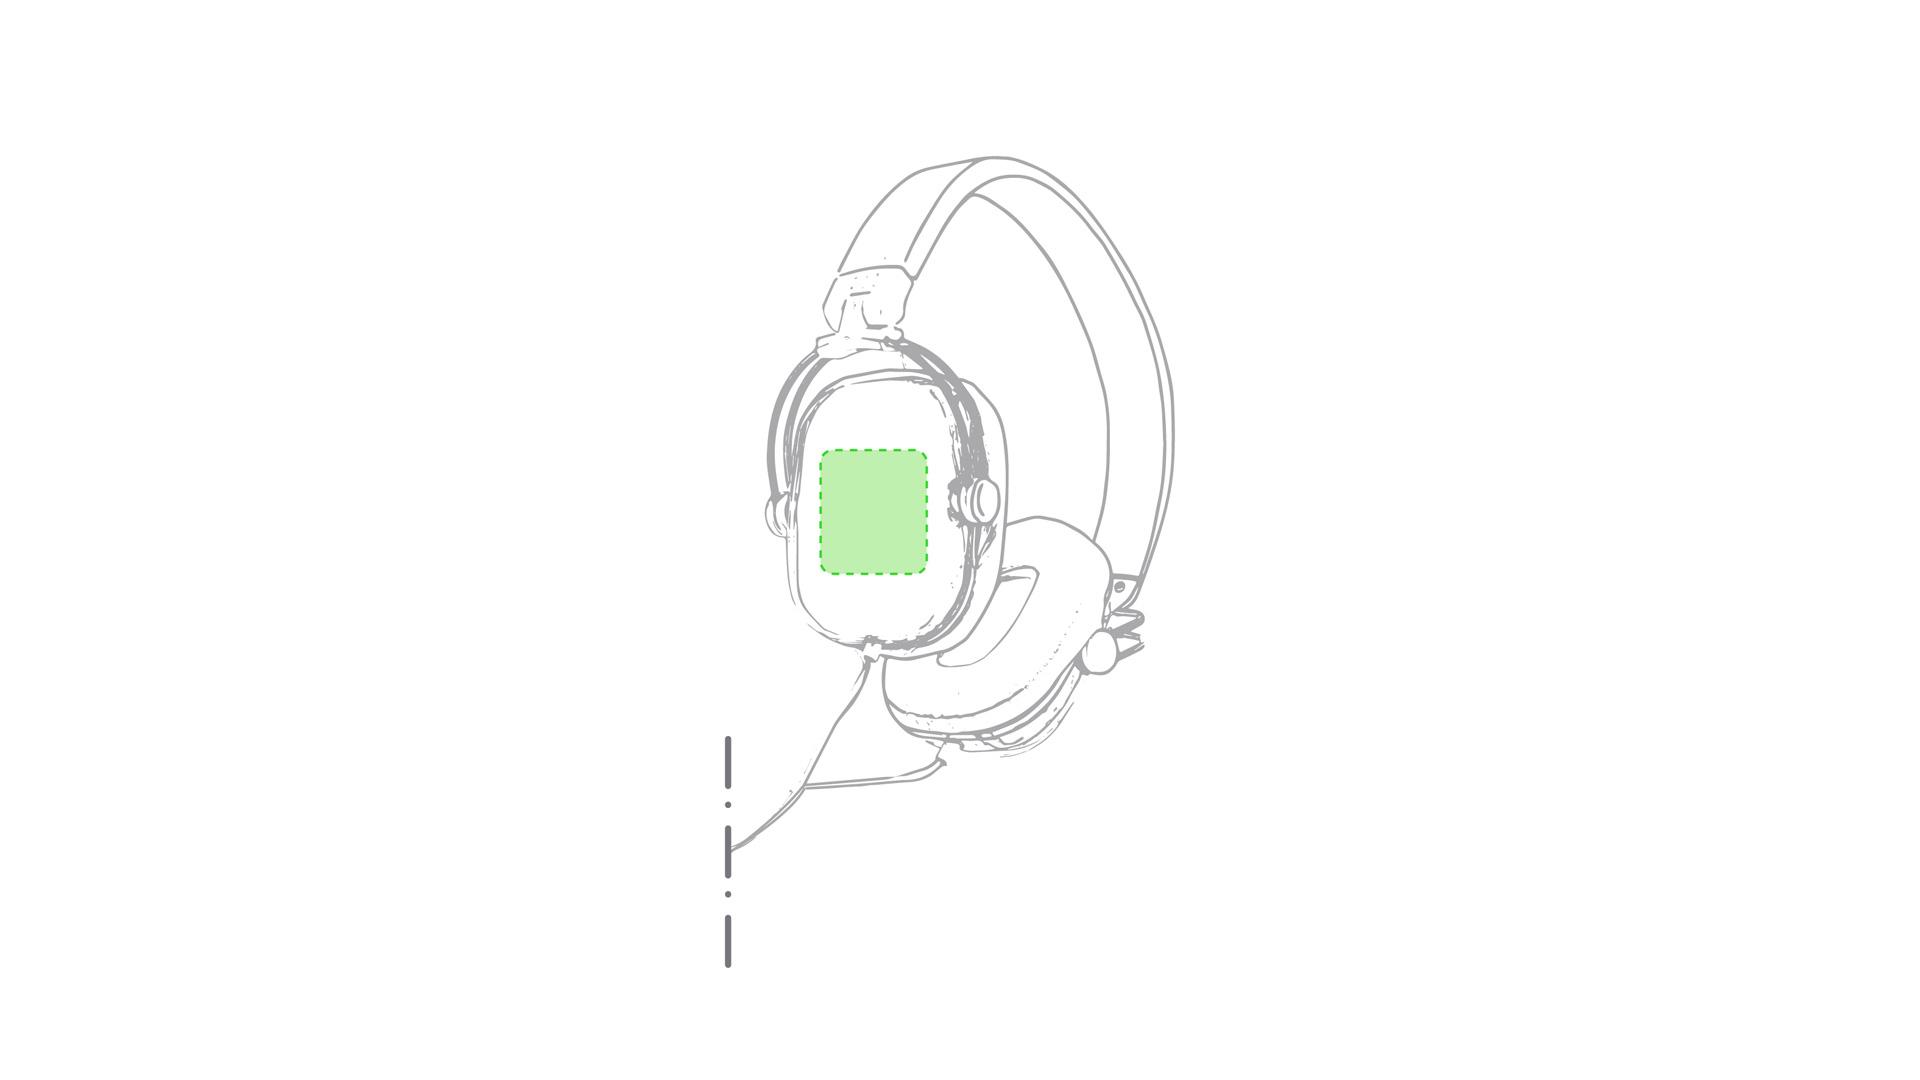 Sobre el auricular derecho